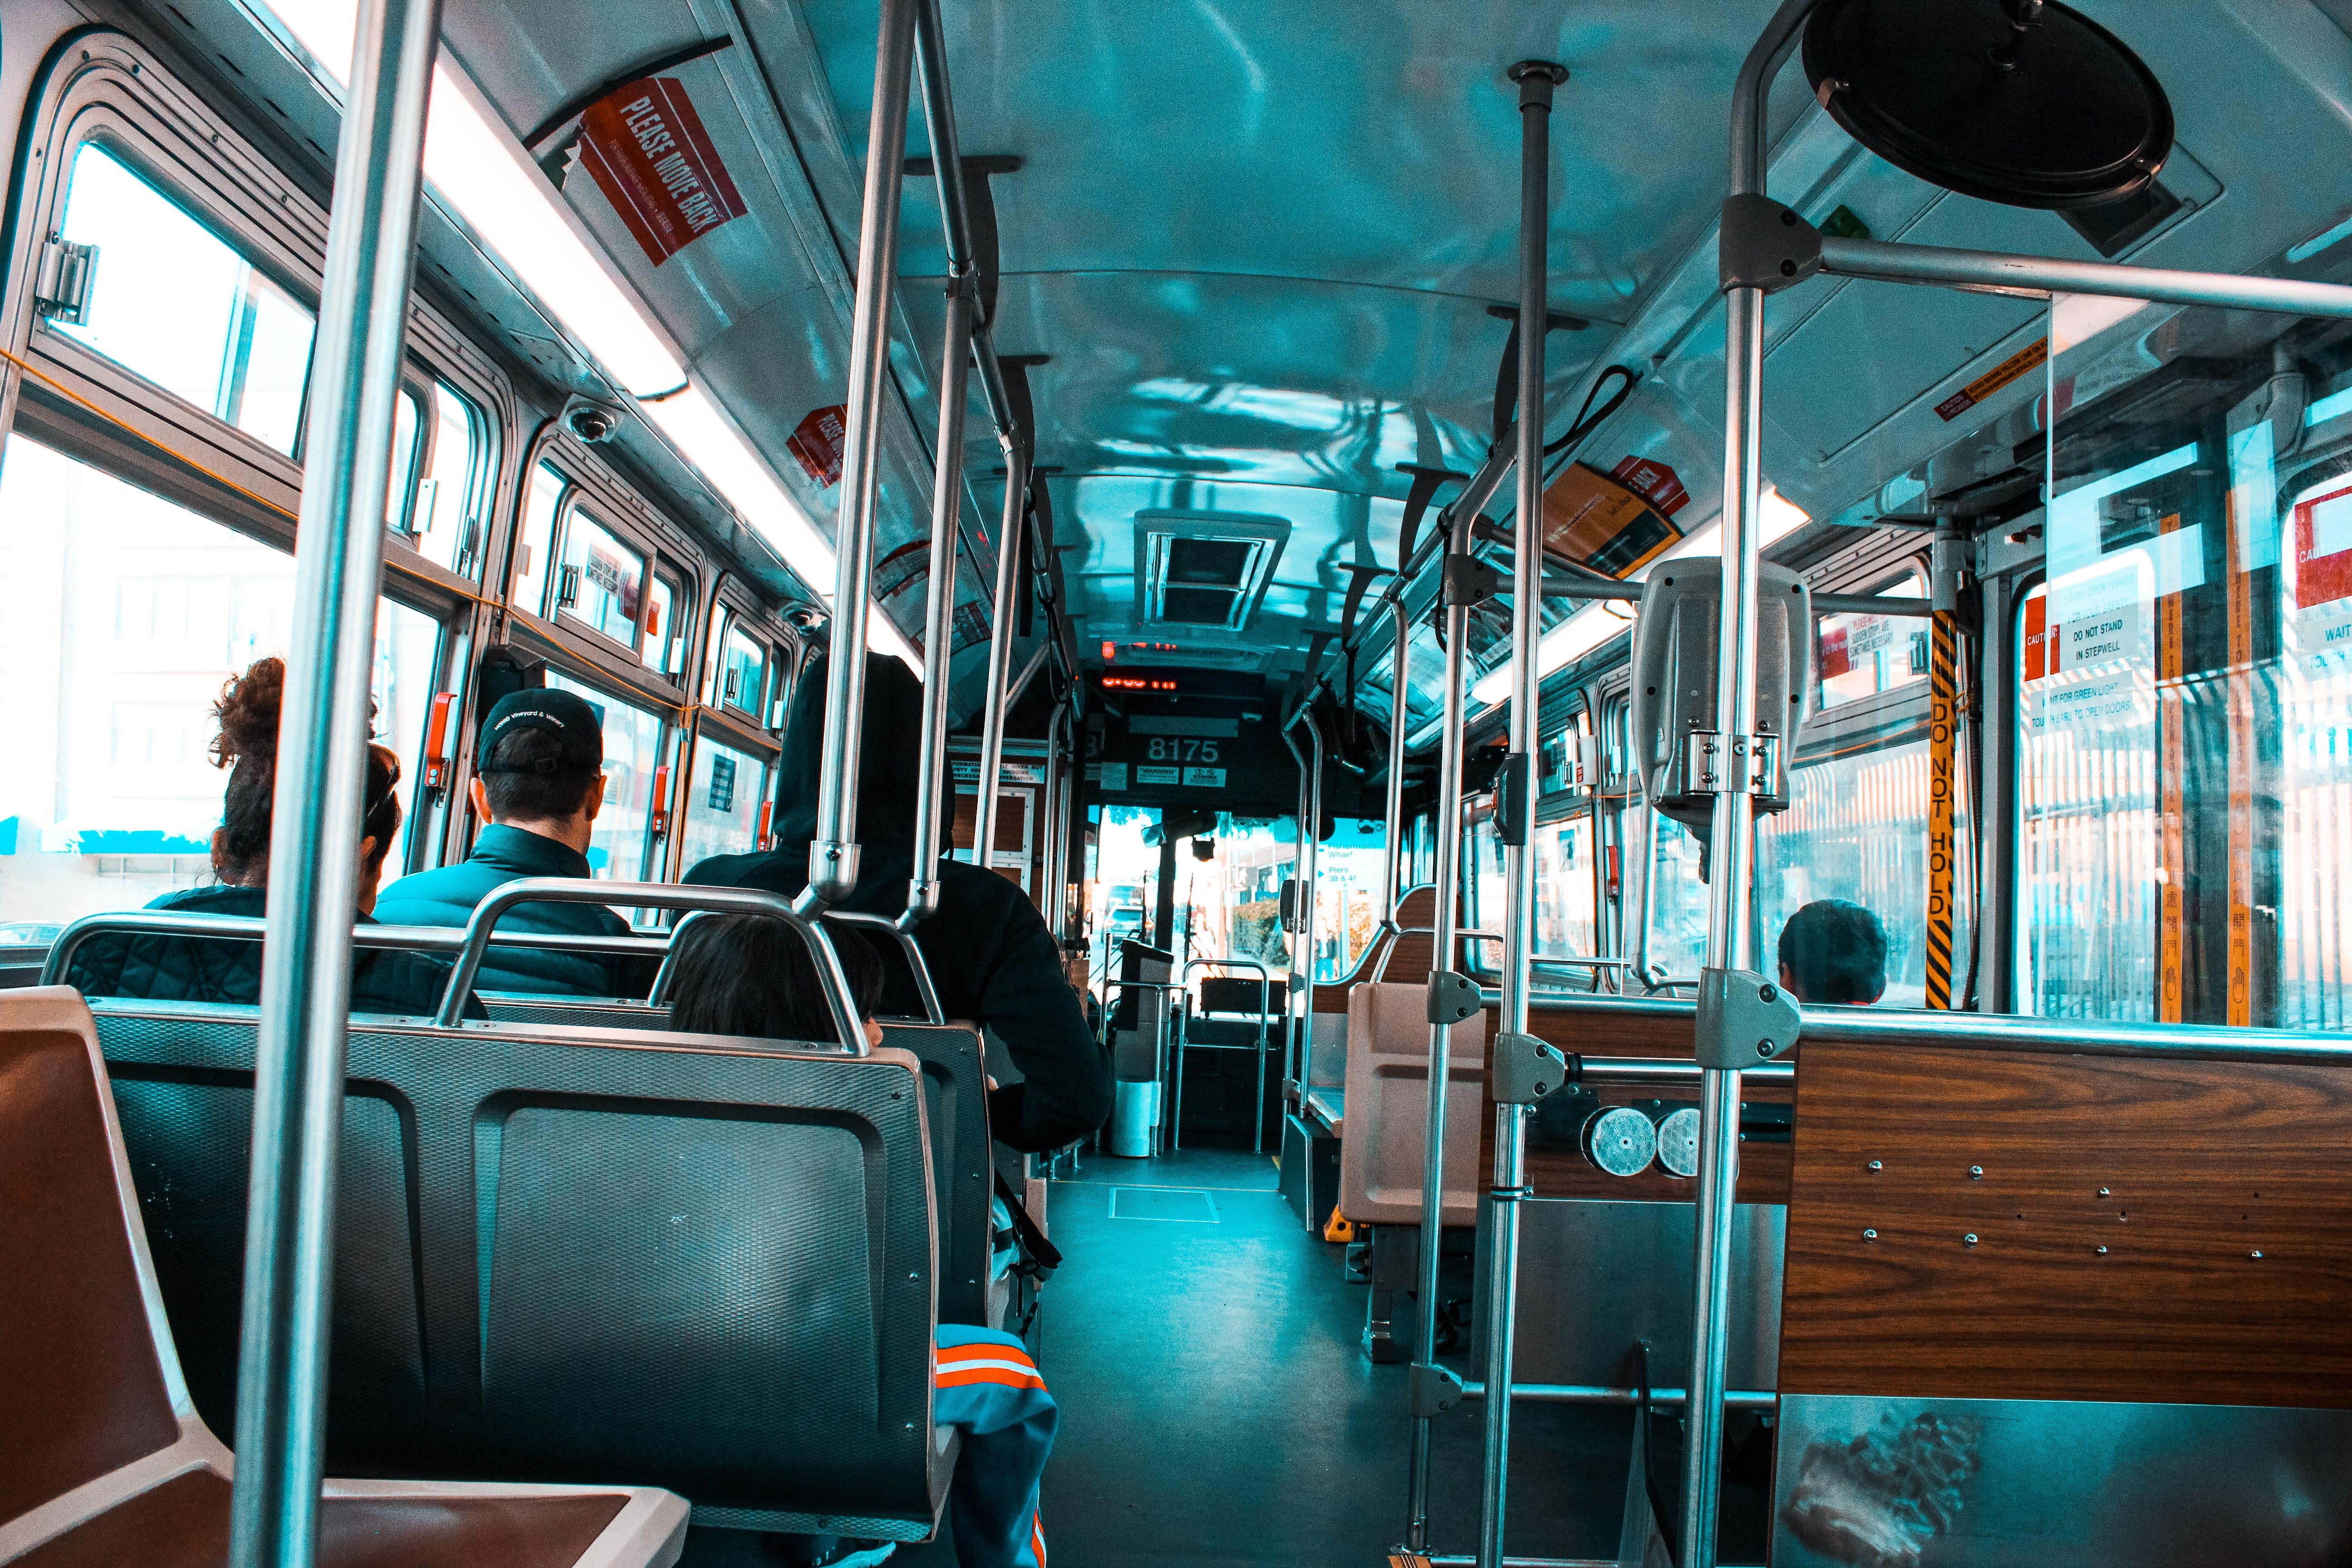 Kostenloses Stock Foto zu menschen, fahrzeug, öffentliche verkehrsmittel, bus